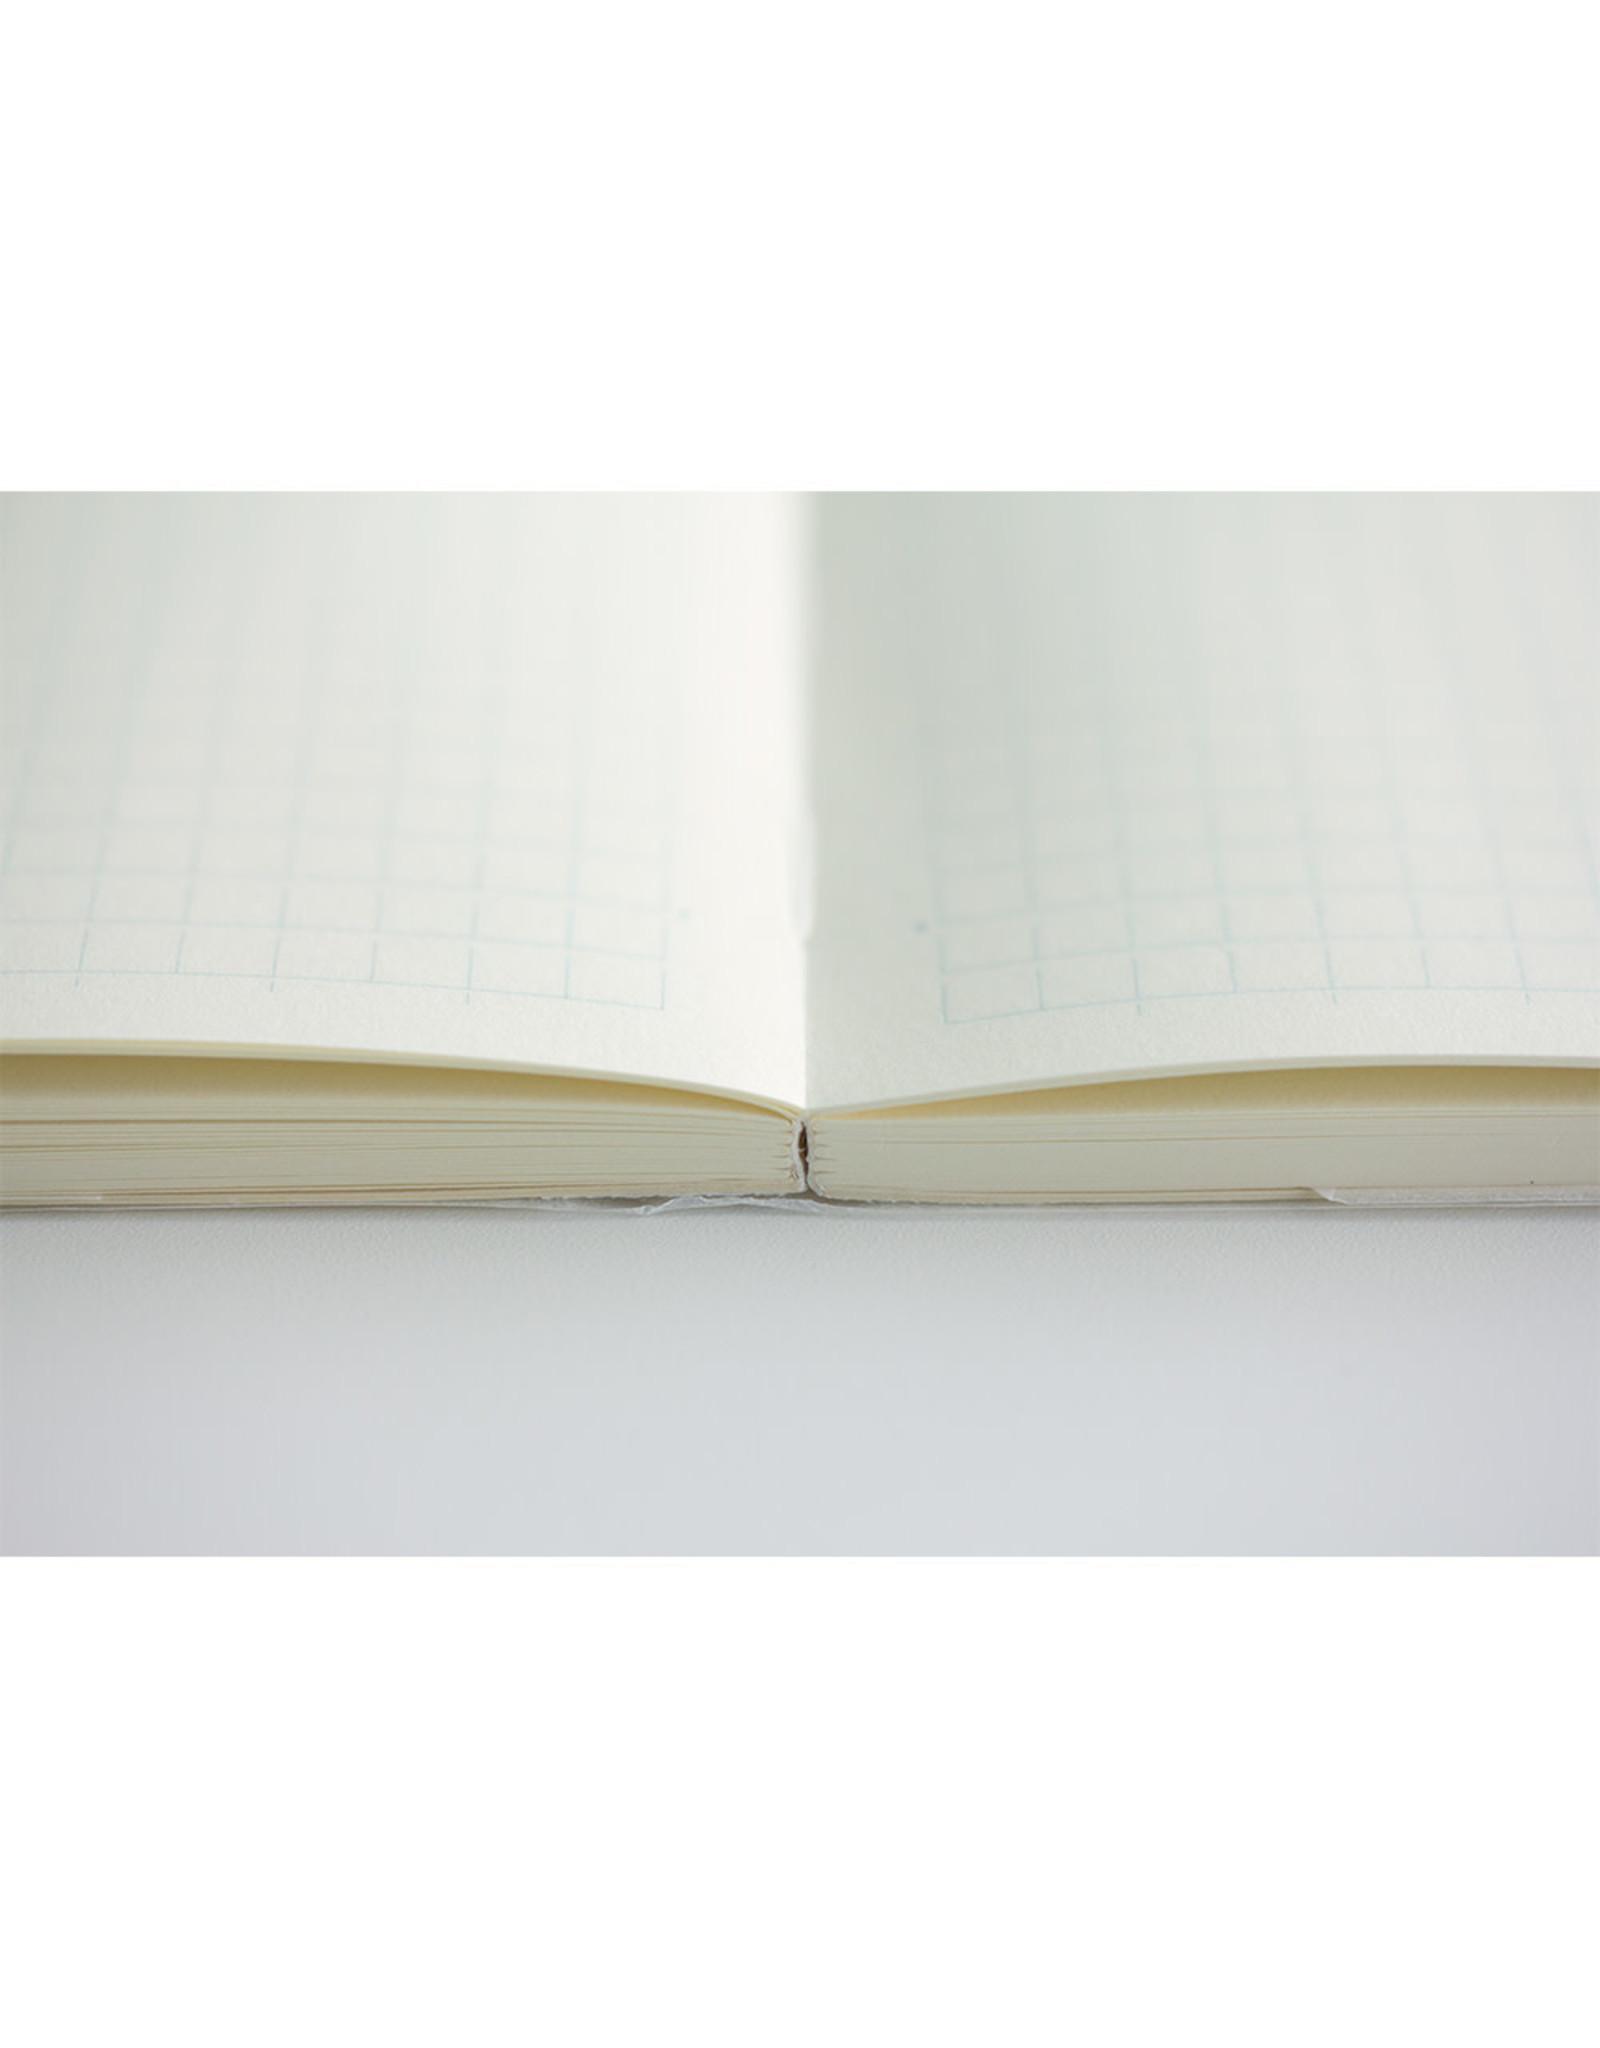 Designphil Inc. MD NOTEBOOK B6 SLIM GRIDDED